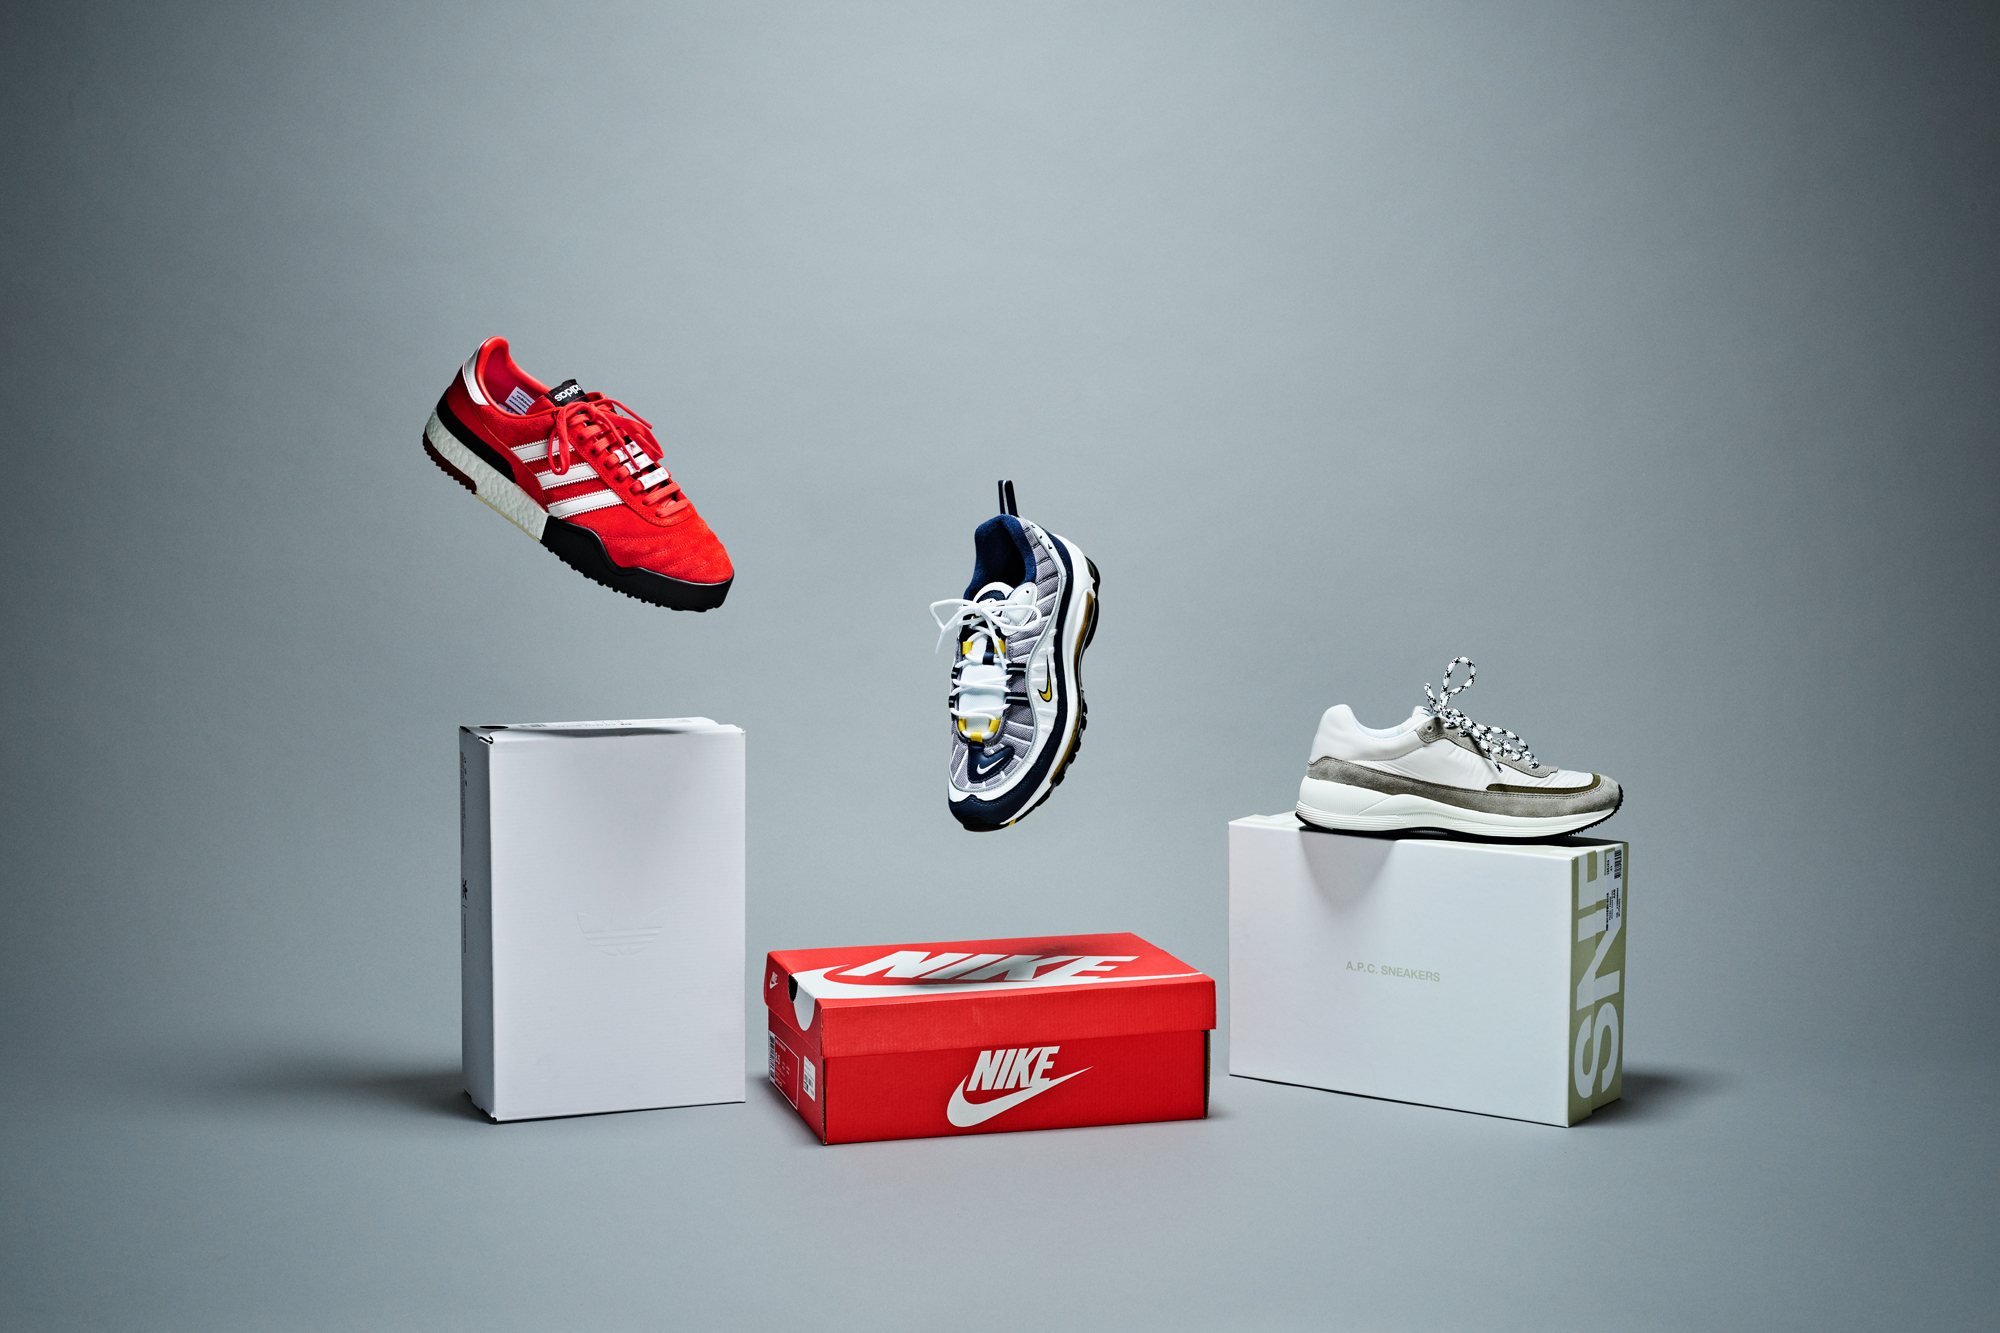 Adidas-AW-Bball-Soccer-Nike-Air-Max-98-APC-Running-Shoe-Oslo